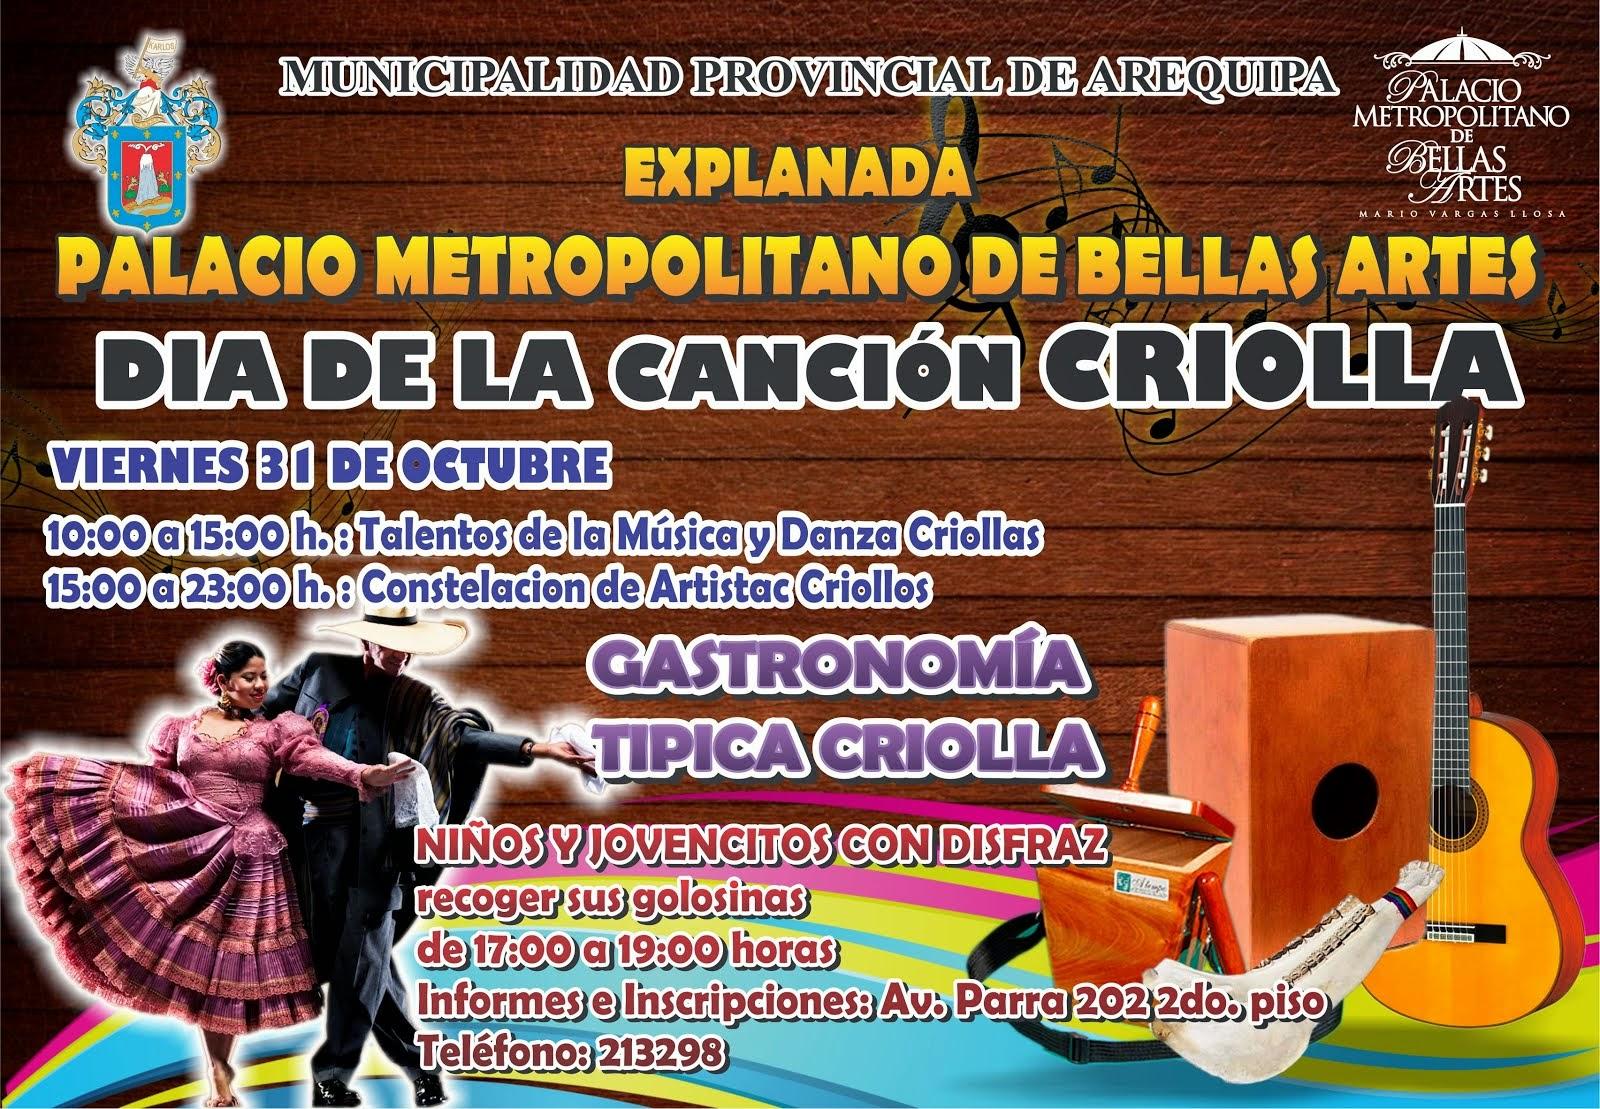 FESTIVAL DE MÚSICA Y DANZAS POR EL DÍA DE LA CANCIÓN CRIOLLA